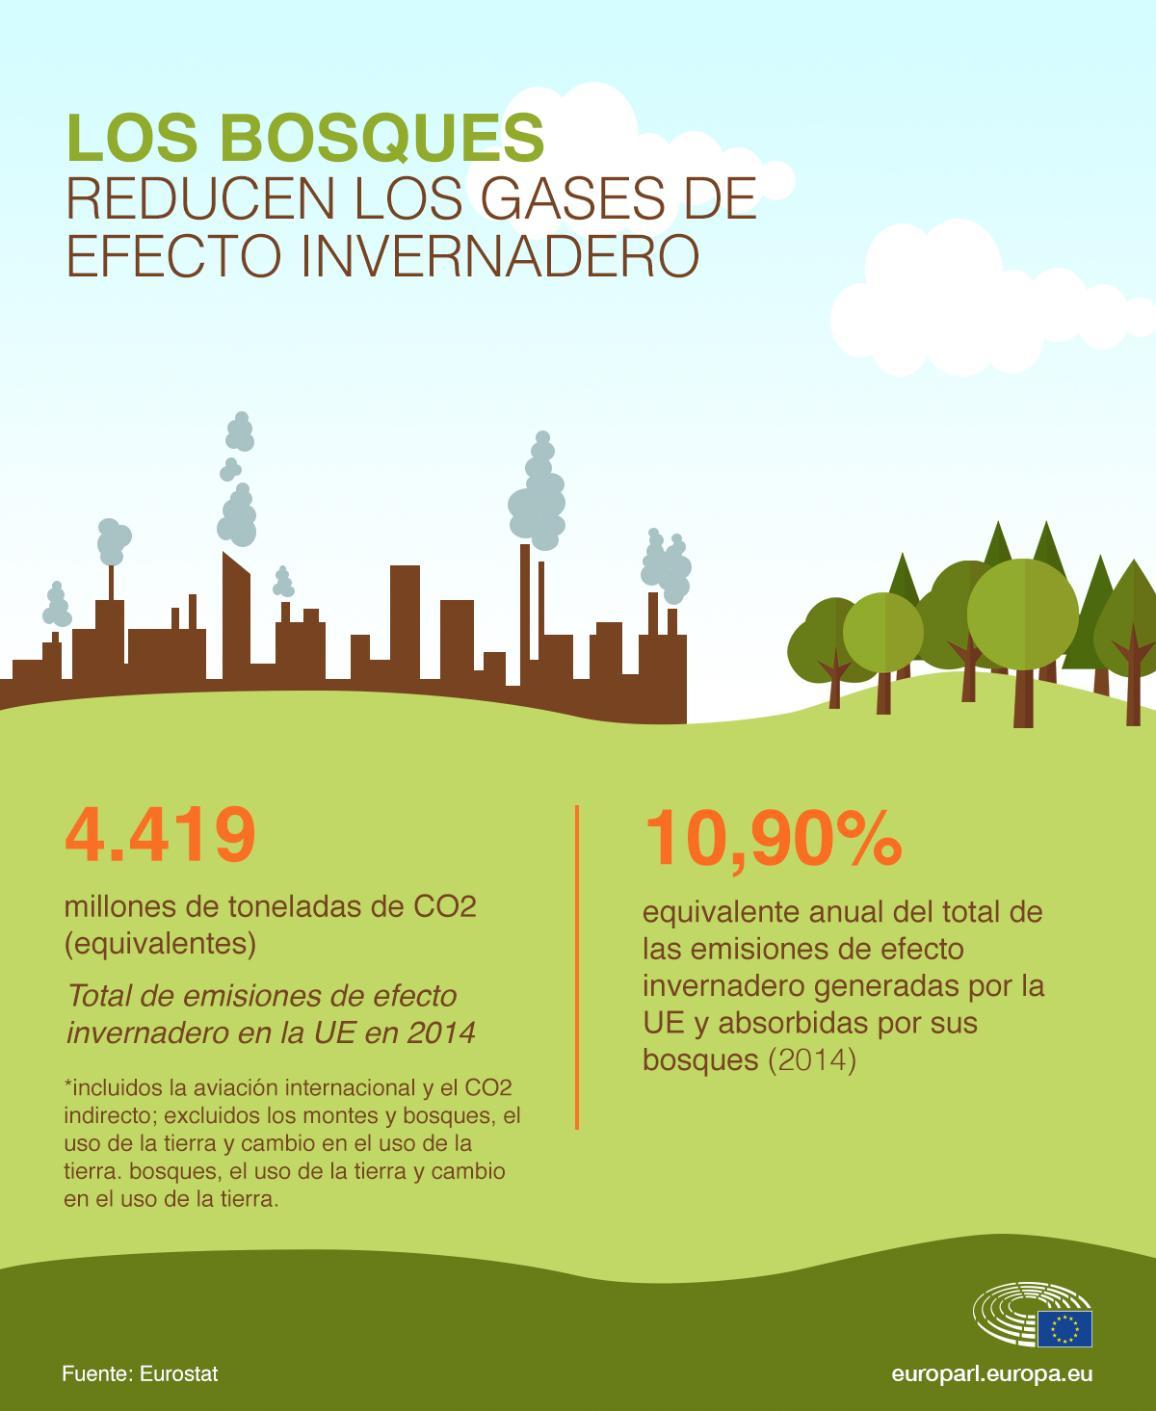 Imagen de la infografía que compara los gases efecto invernadero producidos en la UE con el porcentaje absorbido por los bosques.